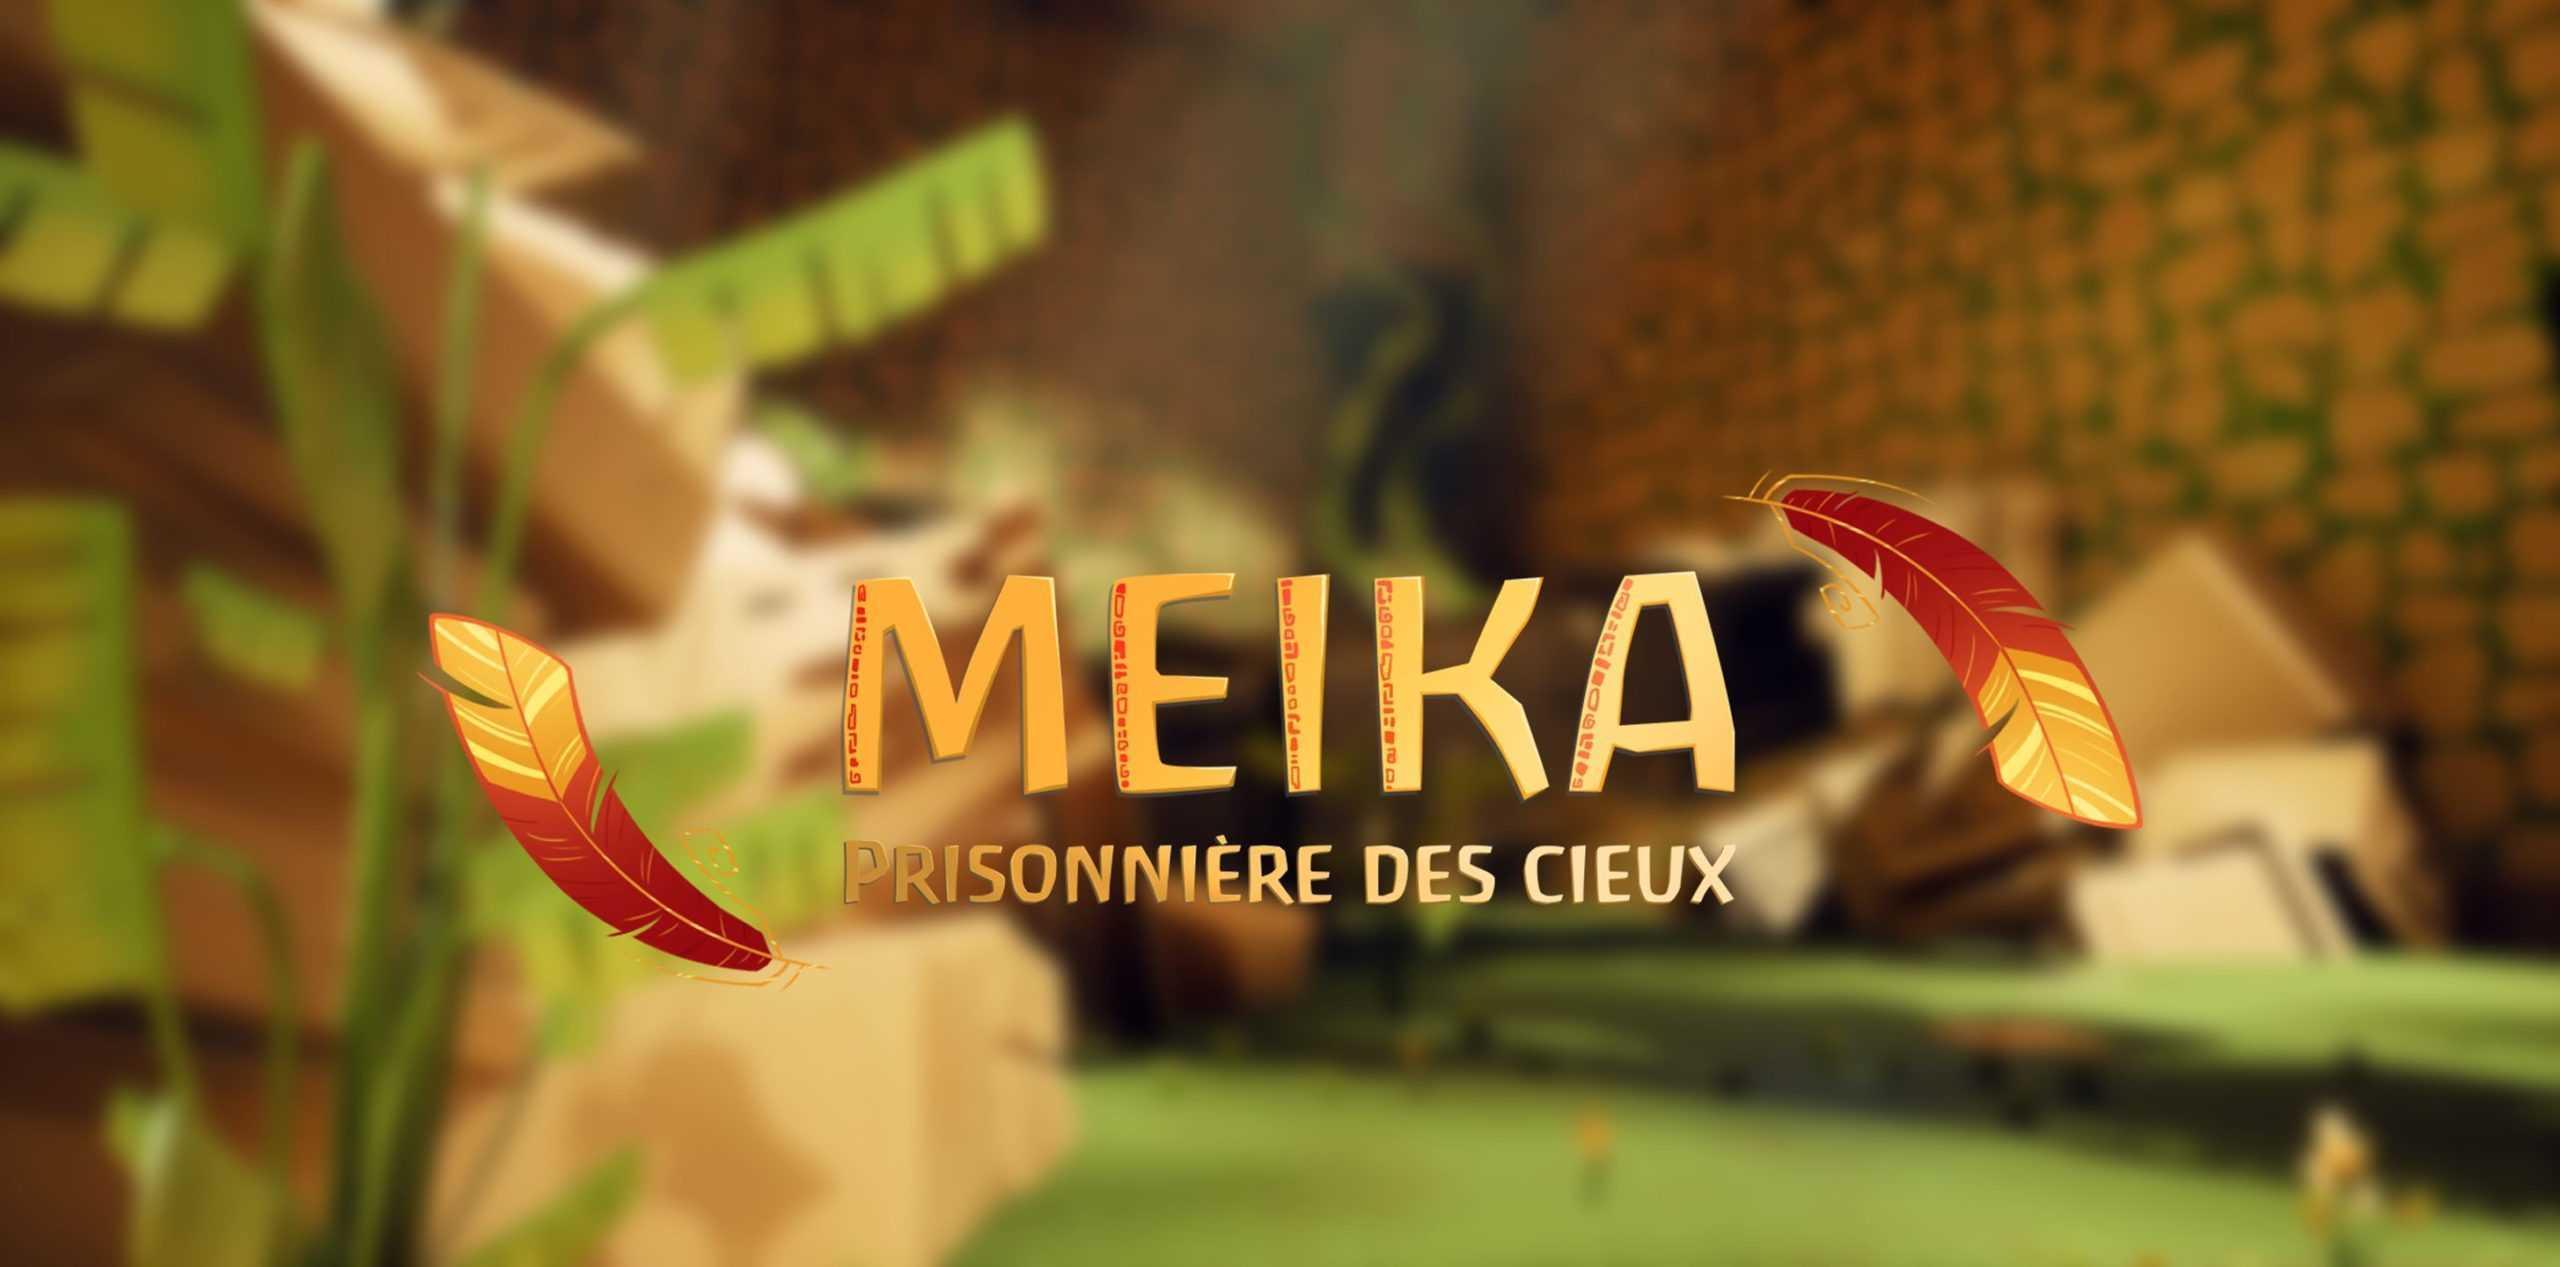 meika-affiche-pegases-scaled.jpg